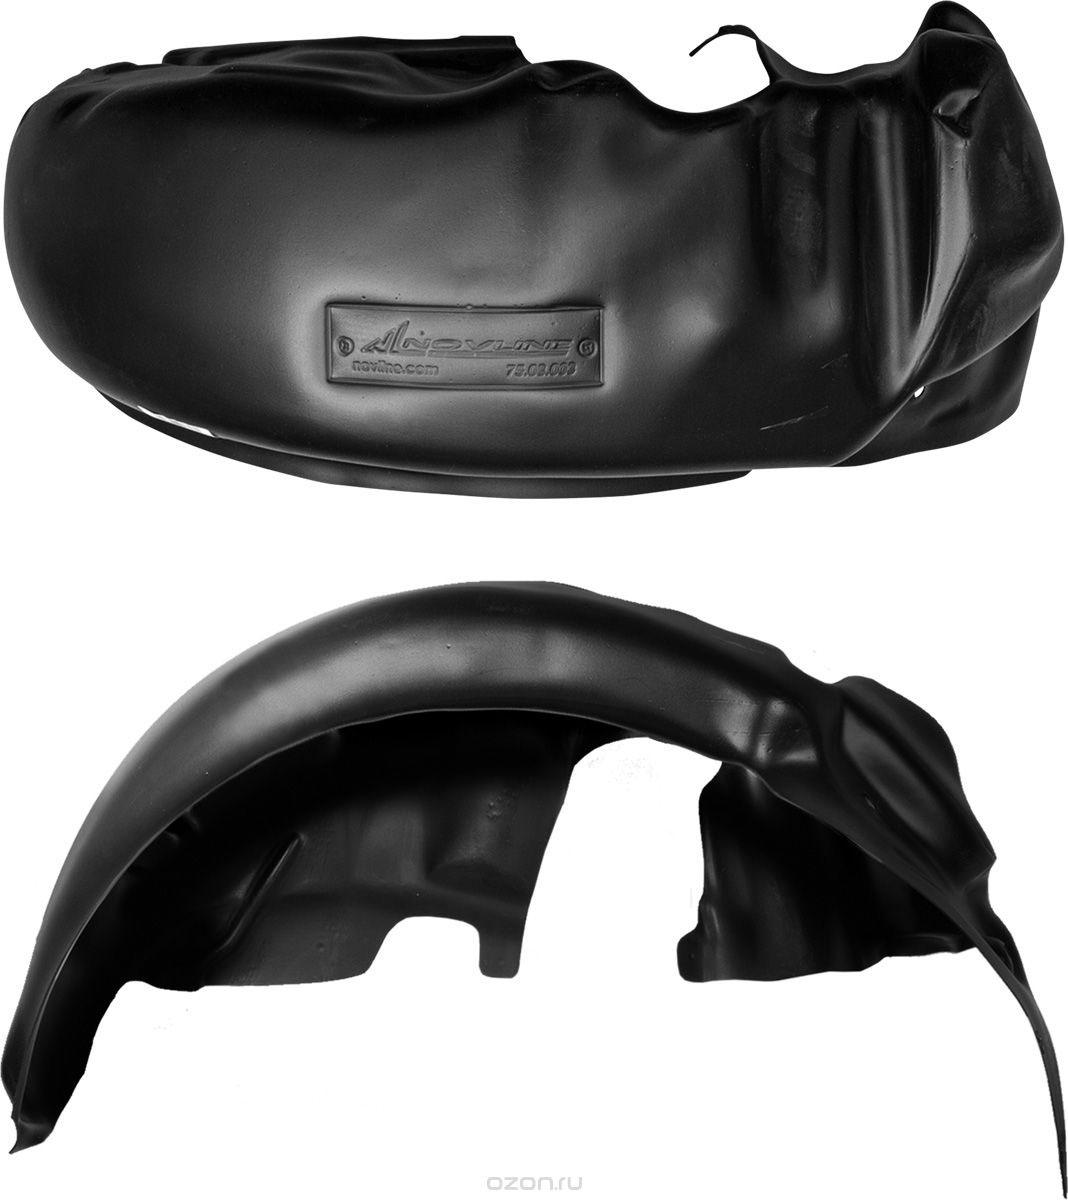 Подкрылок Novline-Autofamily, для PEUGEOT Boxer 08/2014->, с расширителями арок, передний левый44005003Идеальная защита колесной ниши. Локеры разработаны с применением цифровых технологий, гарантируют максимальную повторяемость поверхности арки. Изделия устанавливаются без нарушения лакокрасочного покрытия автомобиля, каждый подкрылок комплектуется крепежом. Уважаемые клиенты, обращаем ваше внимание, что фотографии на подкрылки универсальные и не отражают реальную форму изделия. При этом само изделие идет точно под размер указанного автомобиля.